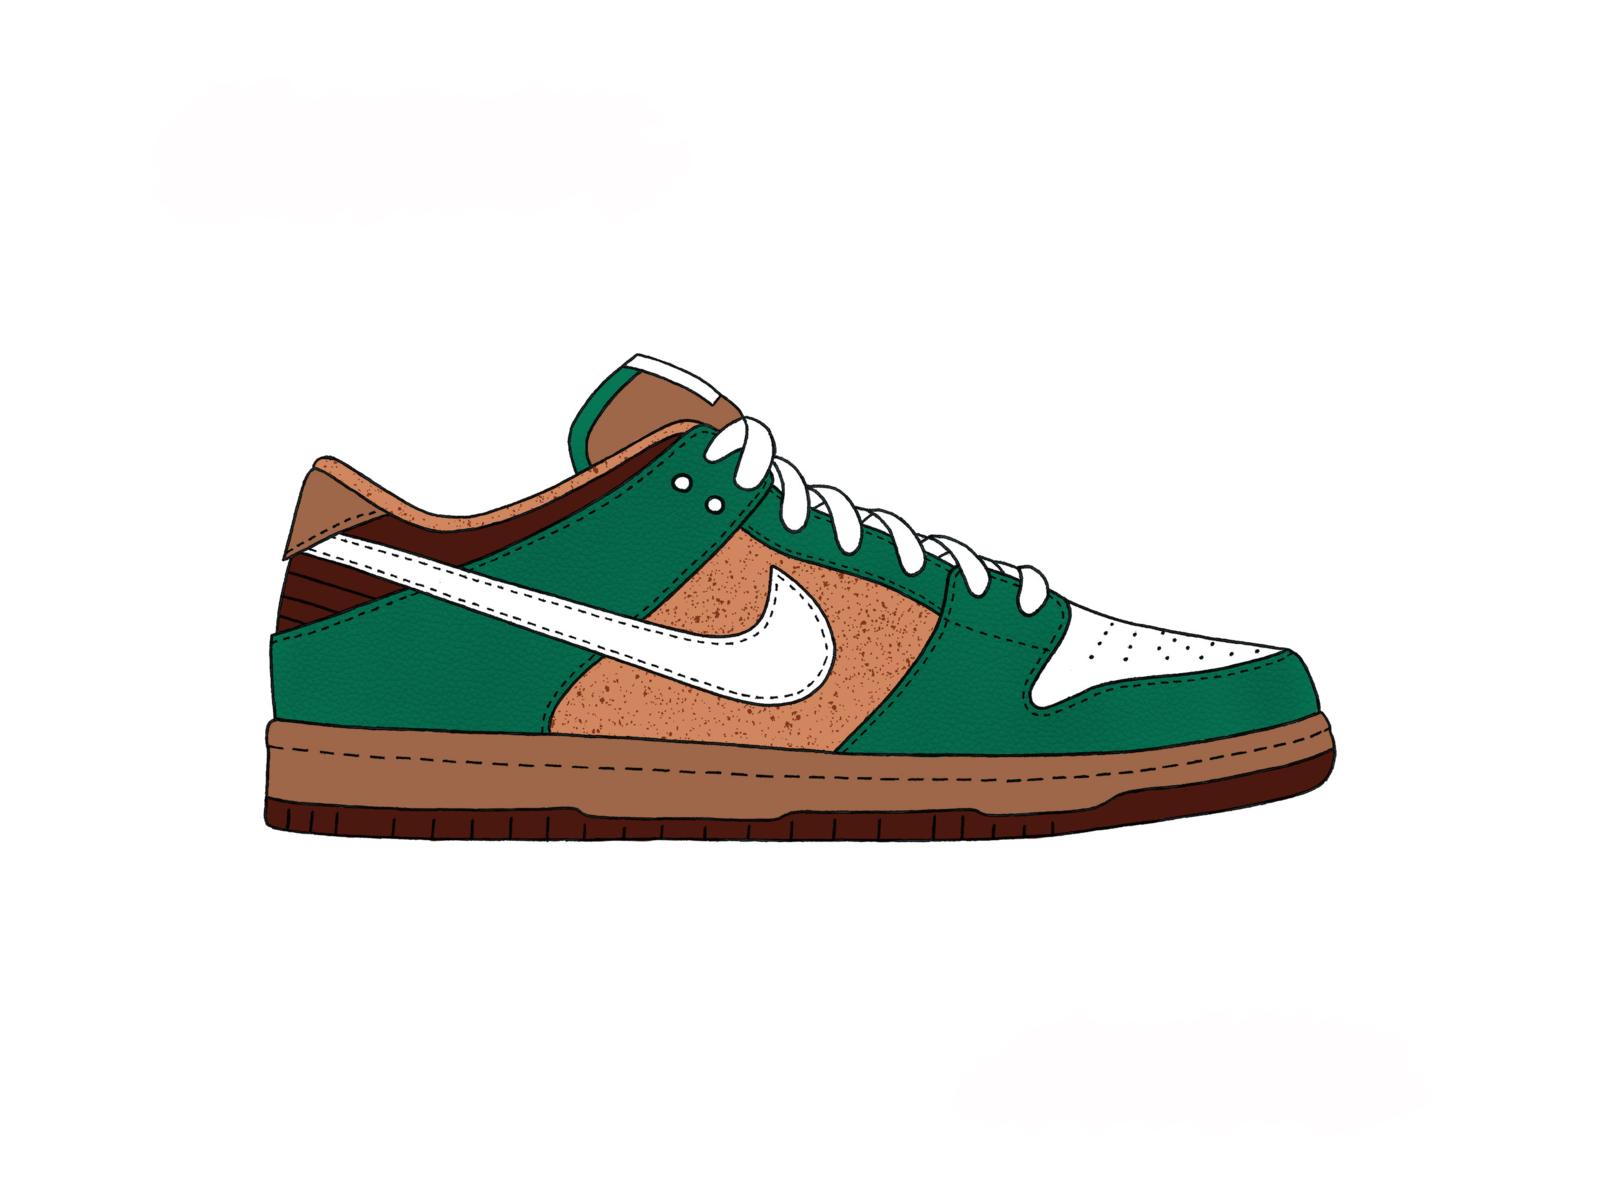 Nike SB Dunk Low - Starbucks by Jake